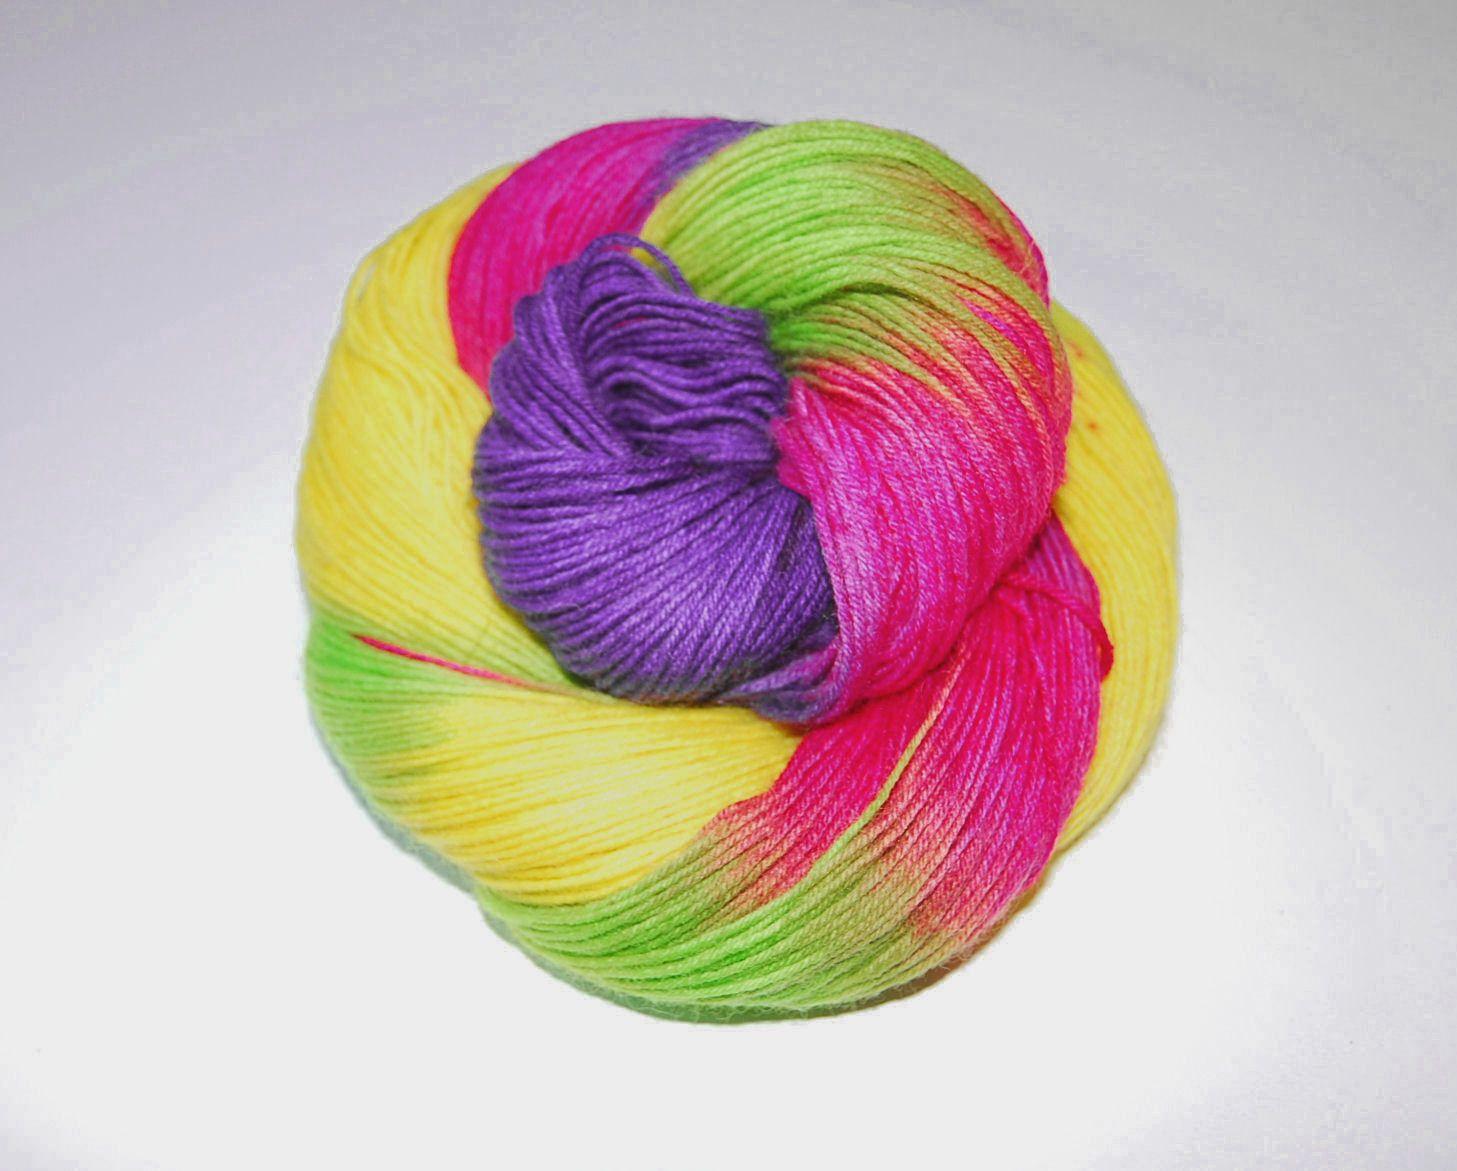 Samba Sockenwolle Fb 4276 Superwash Aus 75 Schurwolle Und 25 Polyamid Sock Wool Superwash Quality 75 Virgin Wool 25 P Farbverlaufswolle Farben Handarbeit